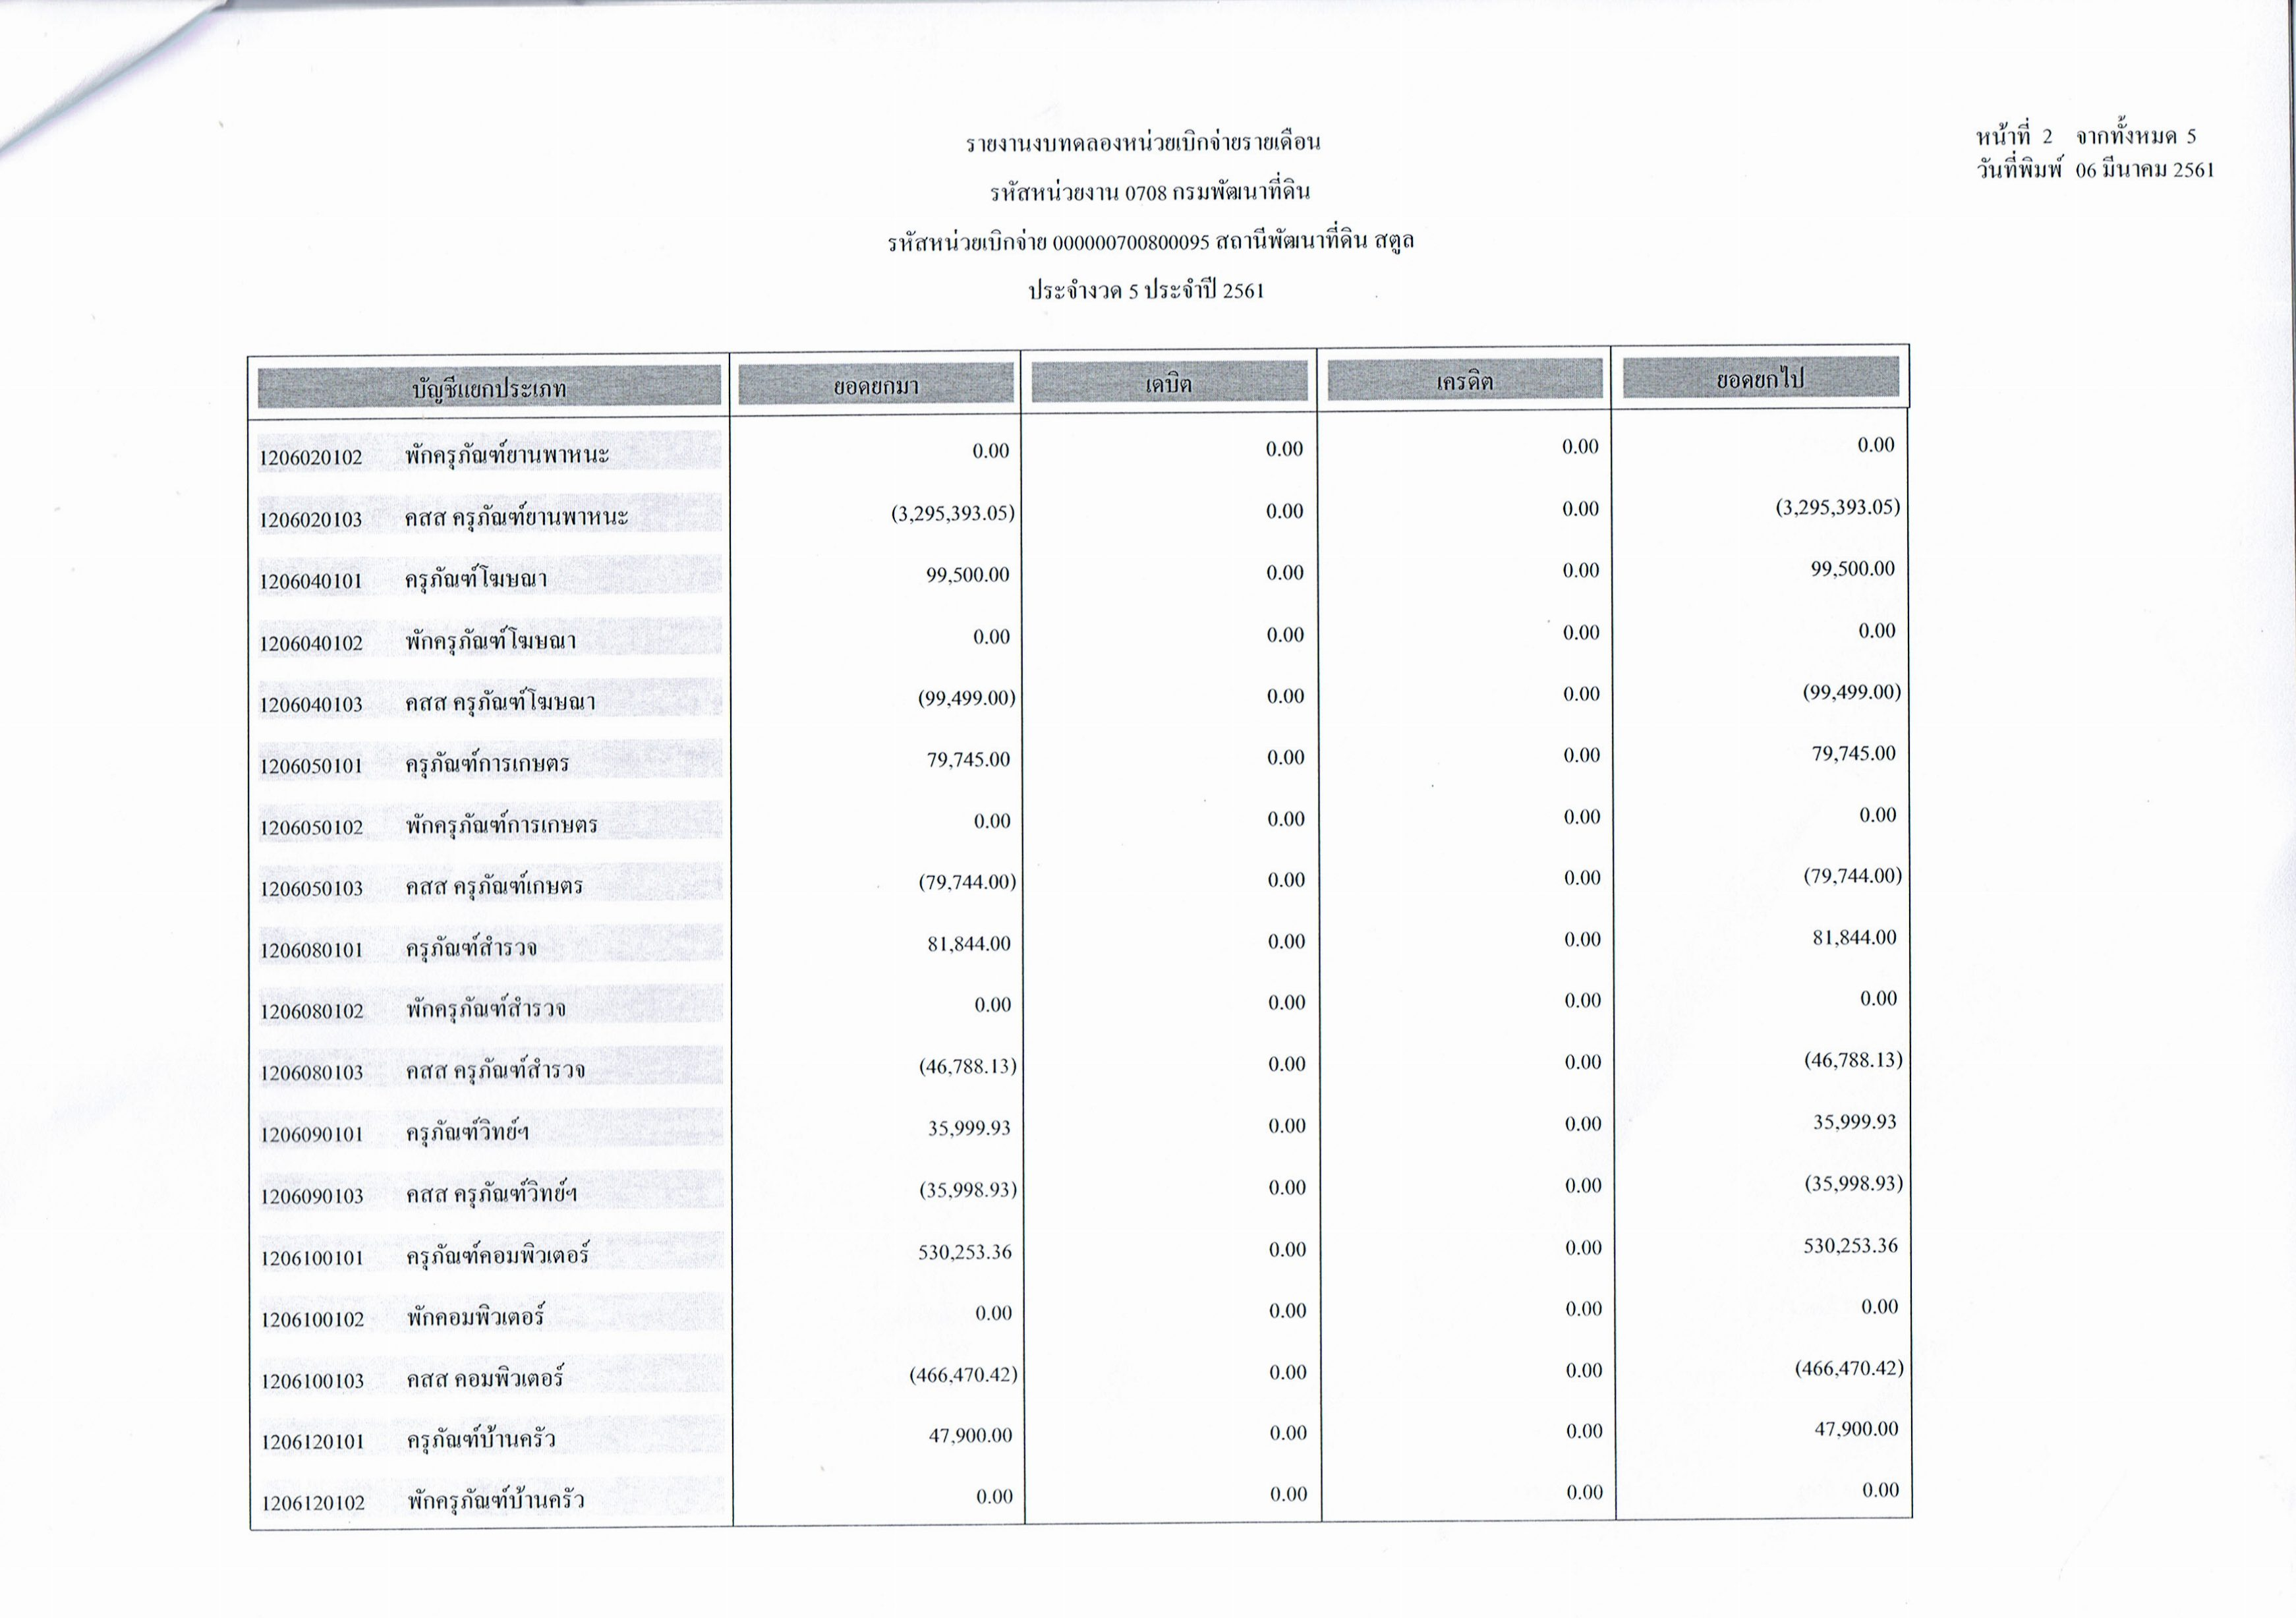 รายงานงบทดลองหน่วยเบิกจ่ายรายเดือนกุมภาพันธ์ ประจำงวด 5 ประจำปี 2561 2/5